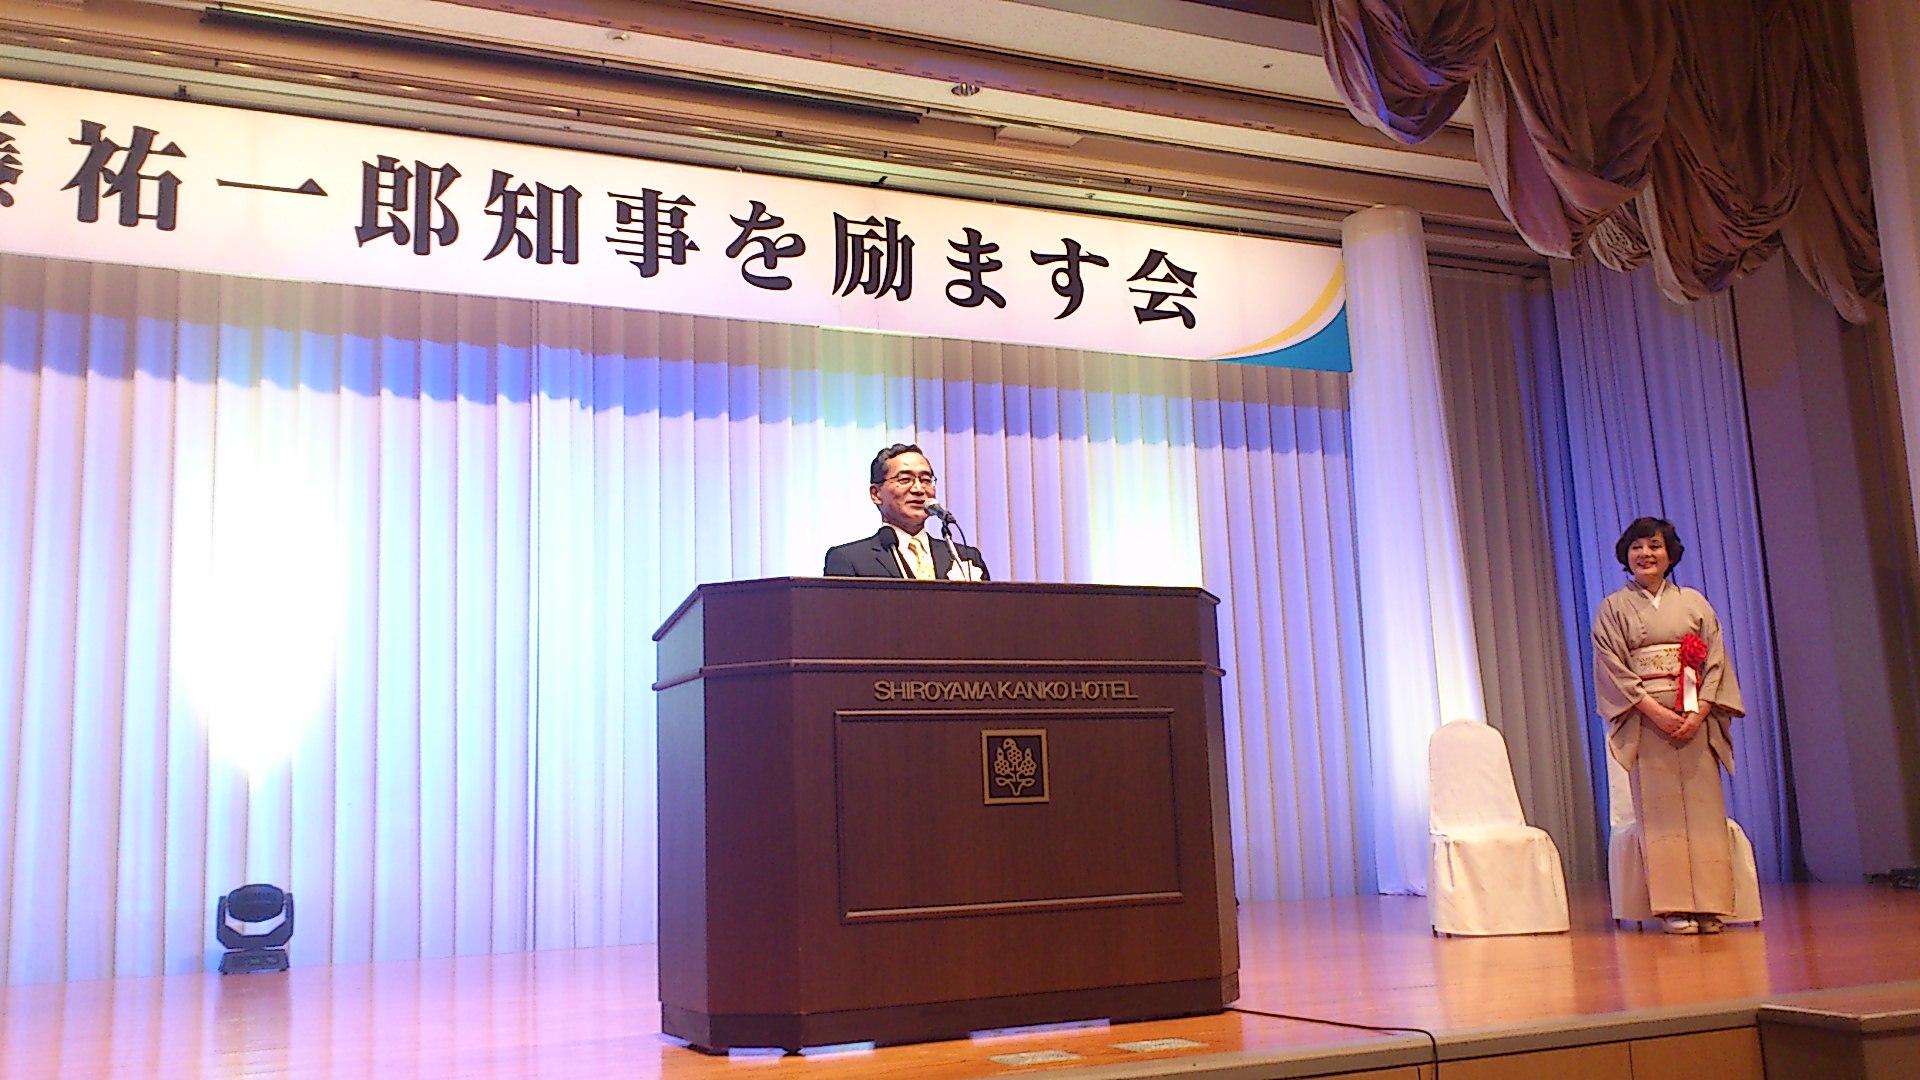 伊藤知事の決意表明_b0039825_22114792.jpg